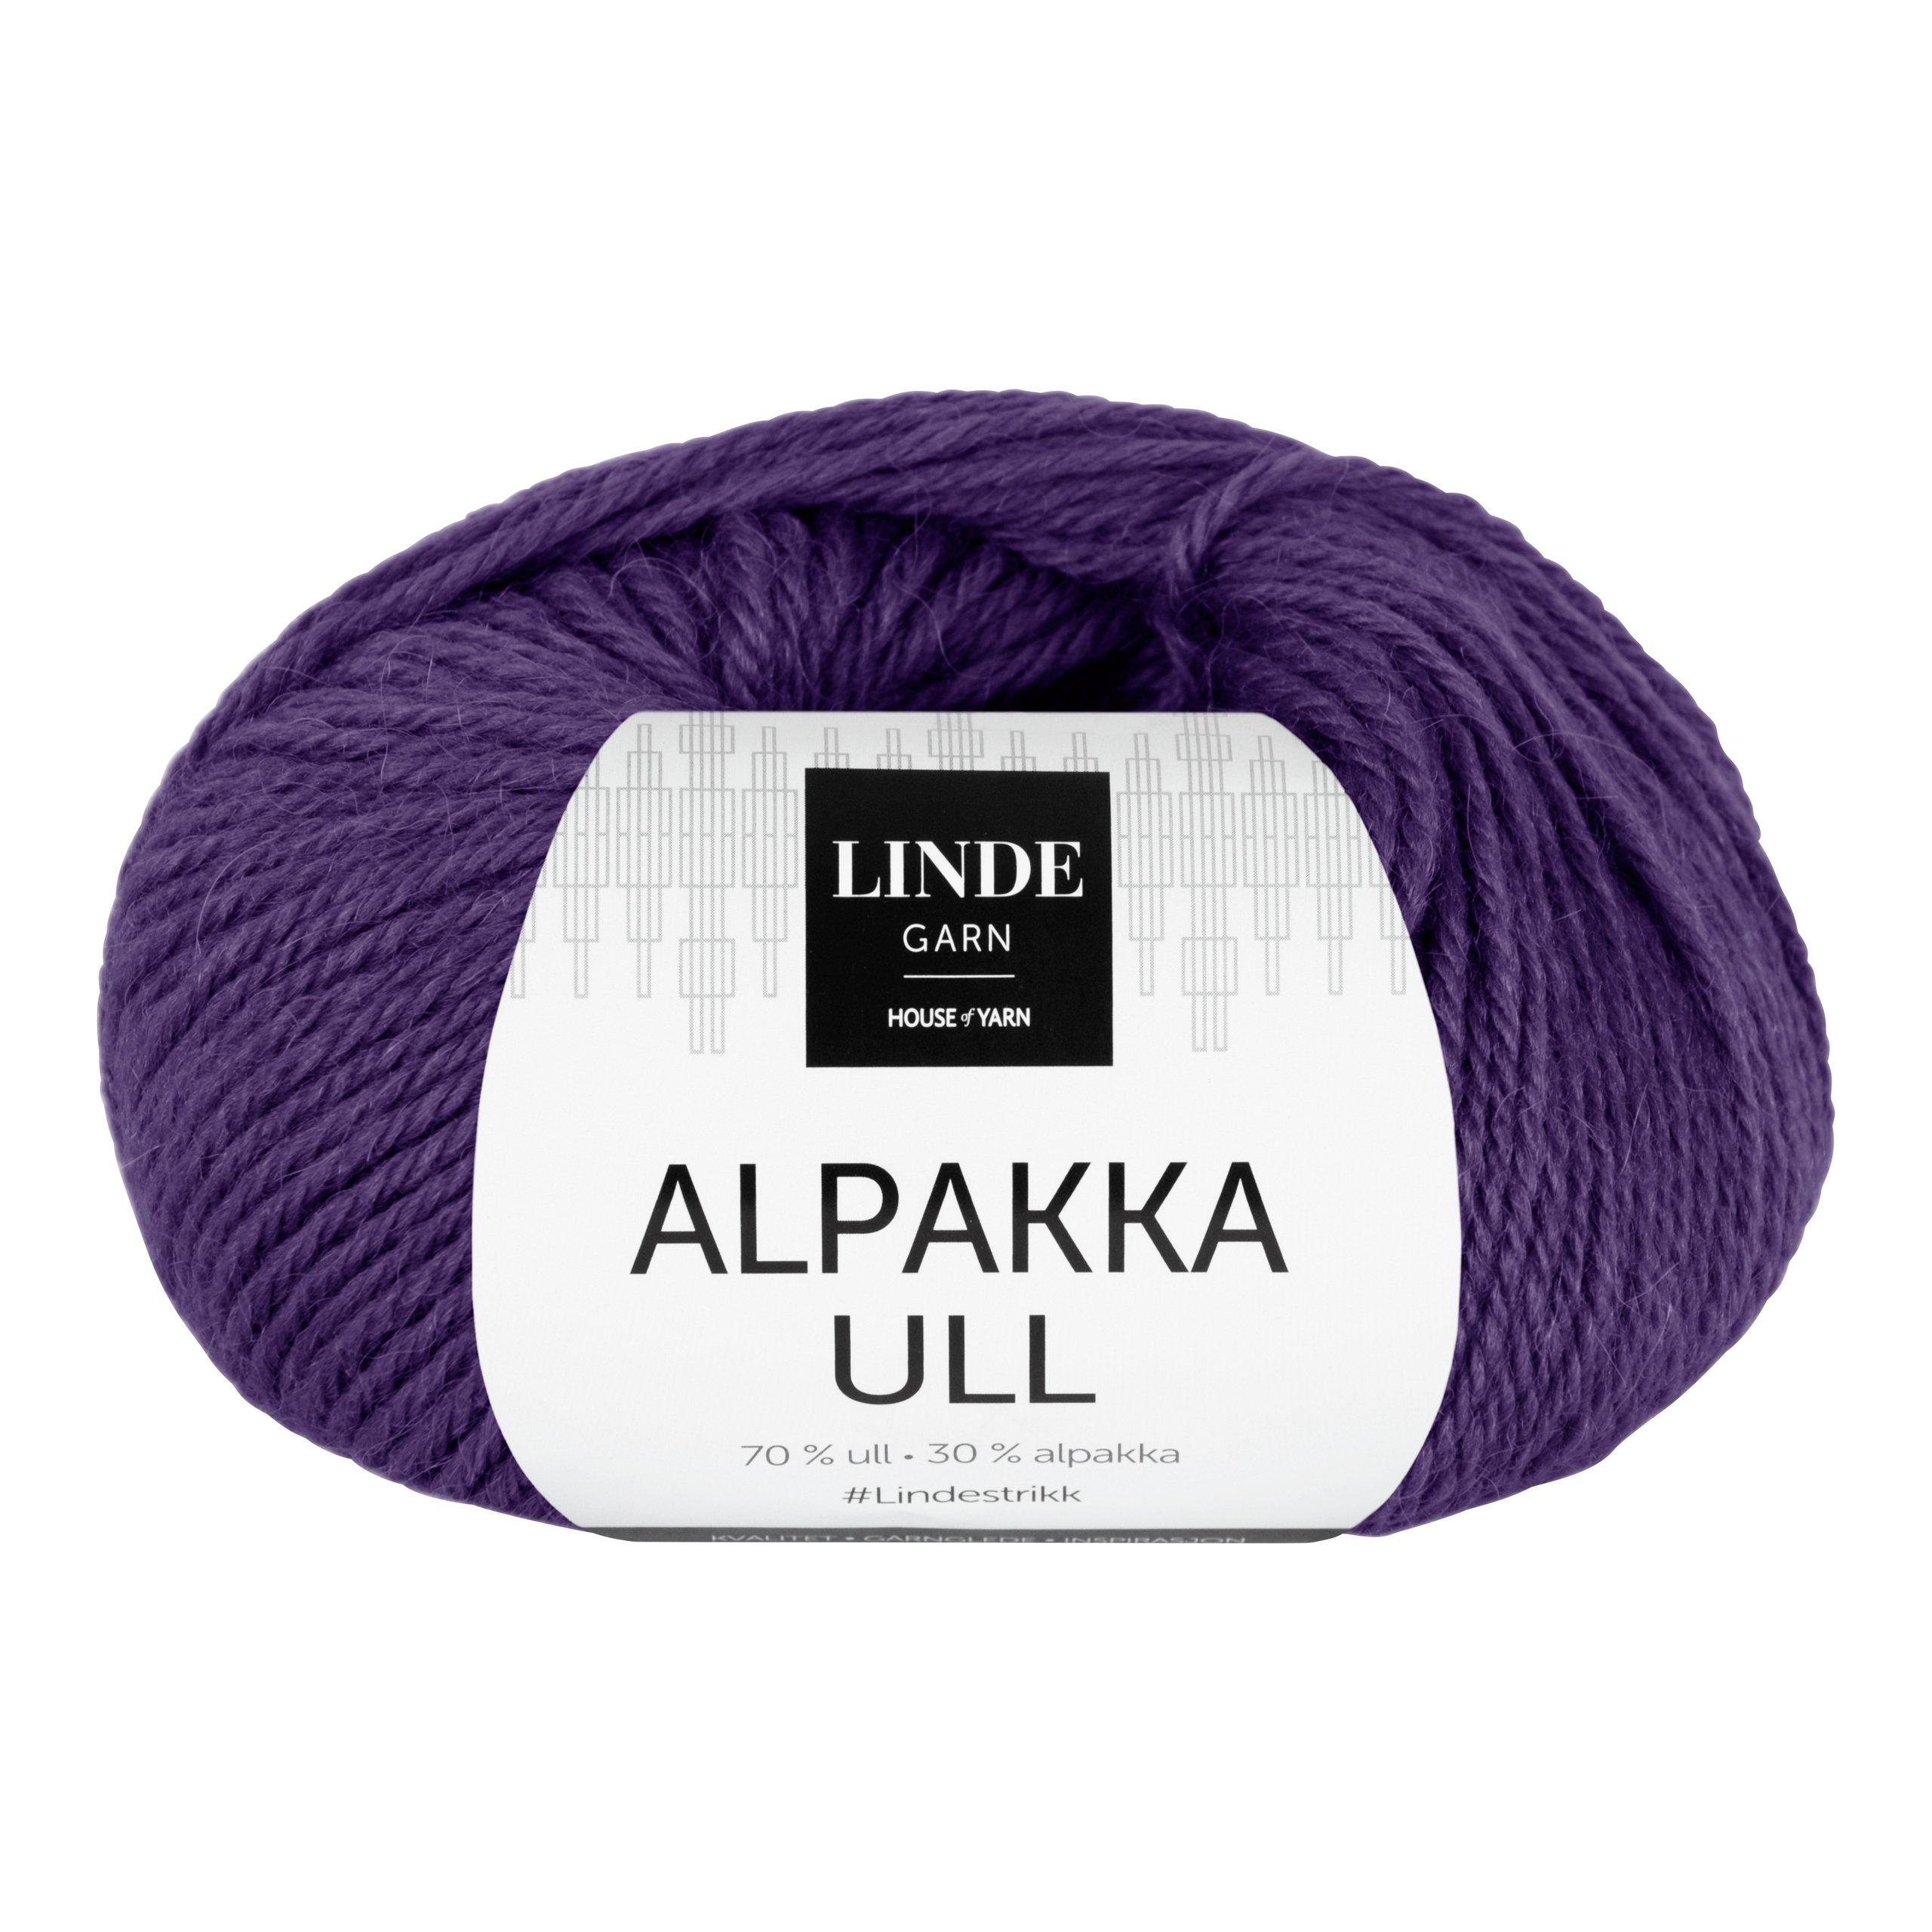 LINDE ALPAKKAULL 414 BLÅLILLA-GAR5414